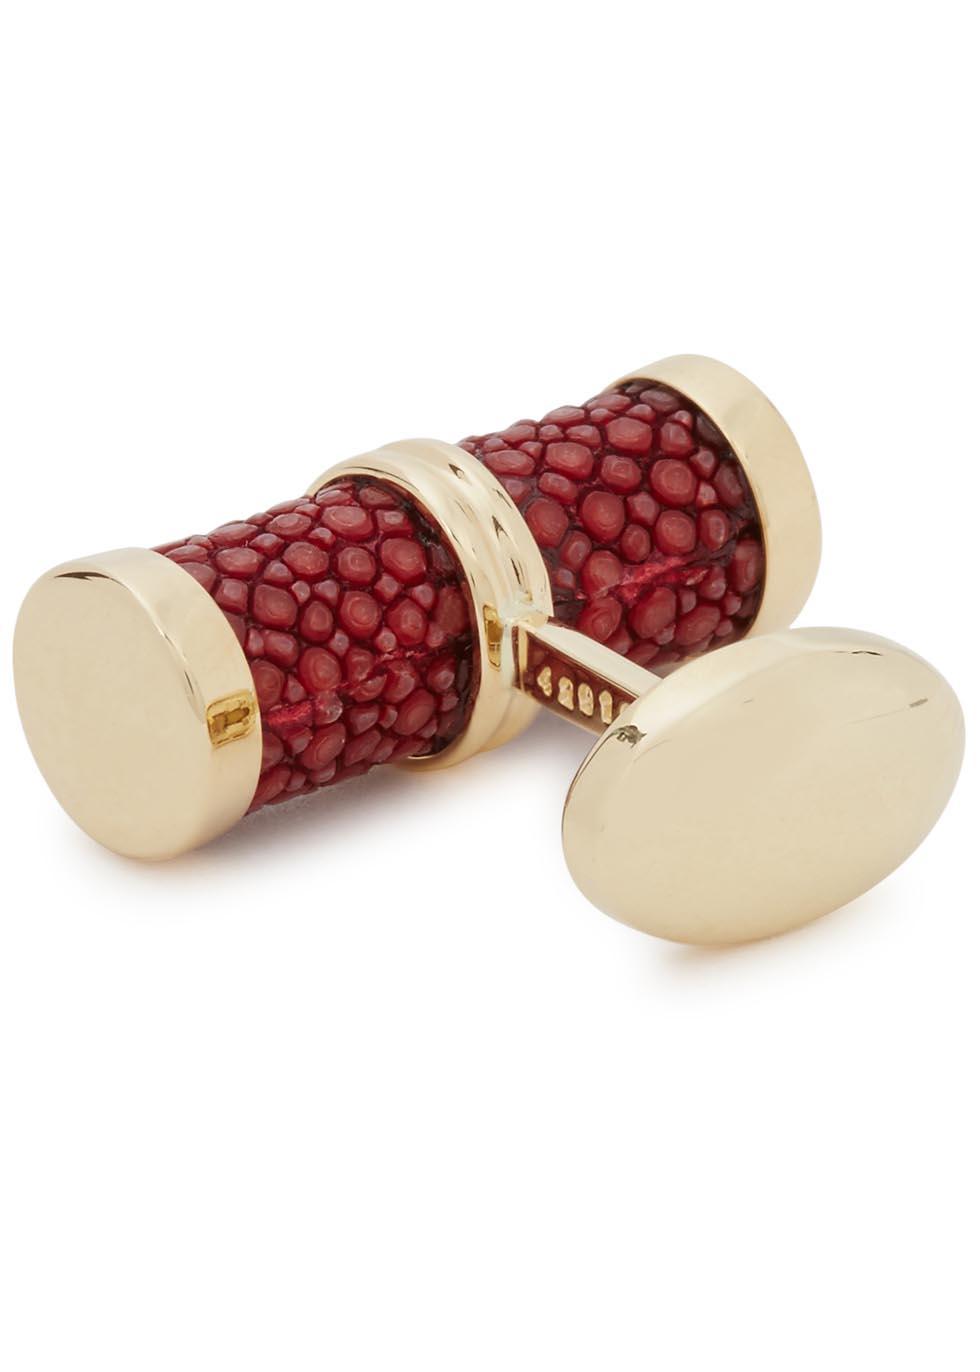 18kt gold cufflinks - Trianon